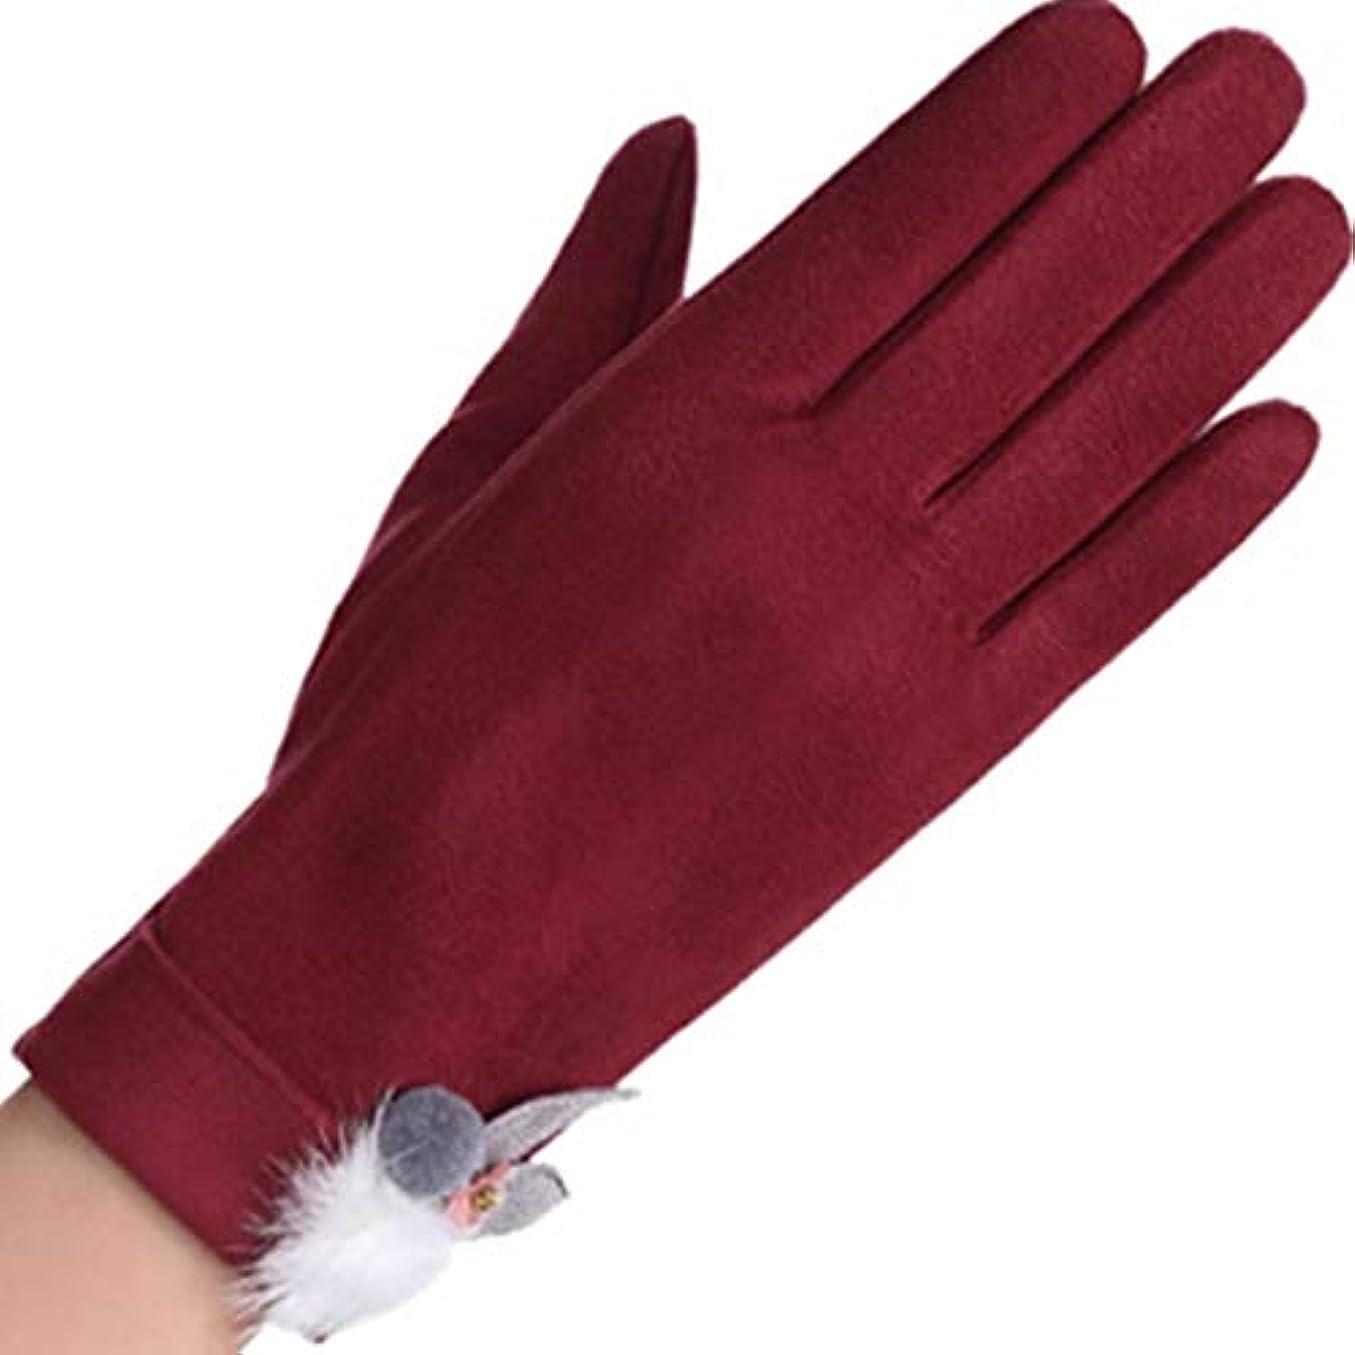 支払い汚染するはさみ手袋の女性の暖かいタッチスクリーンの手袋冬の防風プラスベルベットの女性の毛の手袋の黒ワインレッド (色 : 赤ワイン)